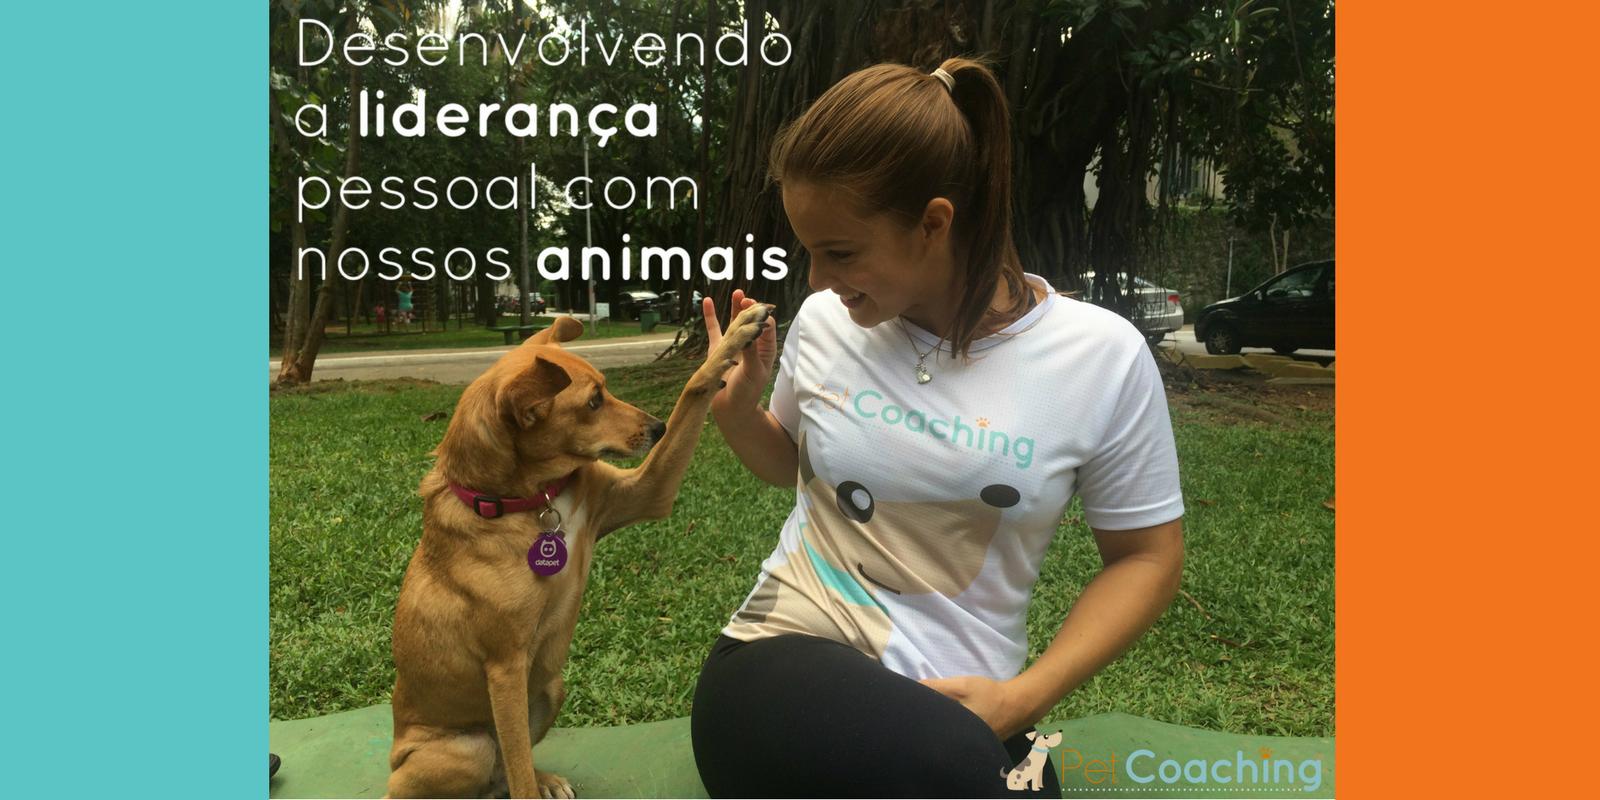 Lambeijos, Carla Ruas - Desenvolvendo a liderança pessoal com nossos animais